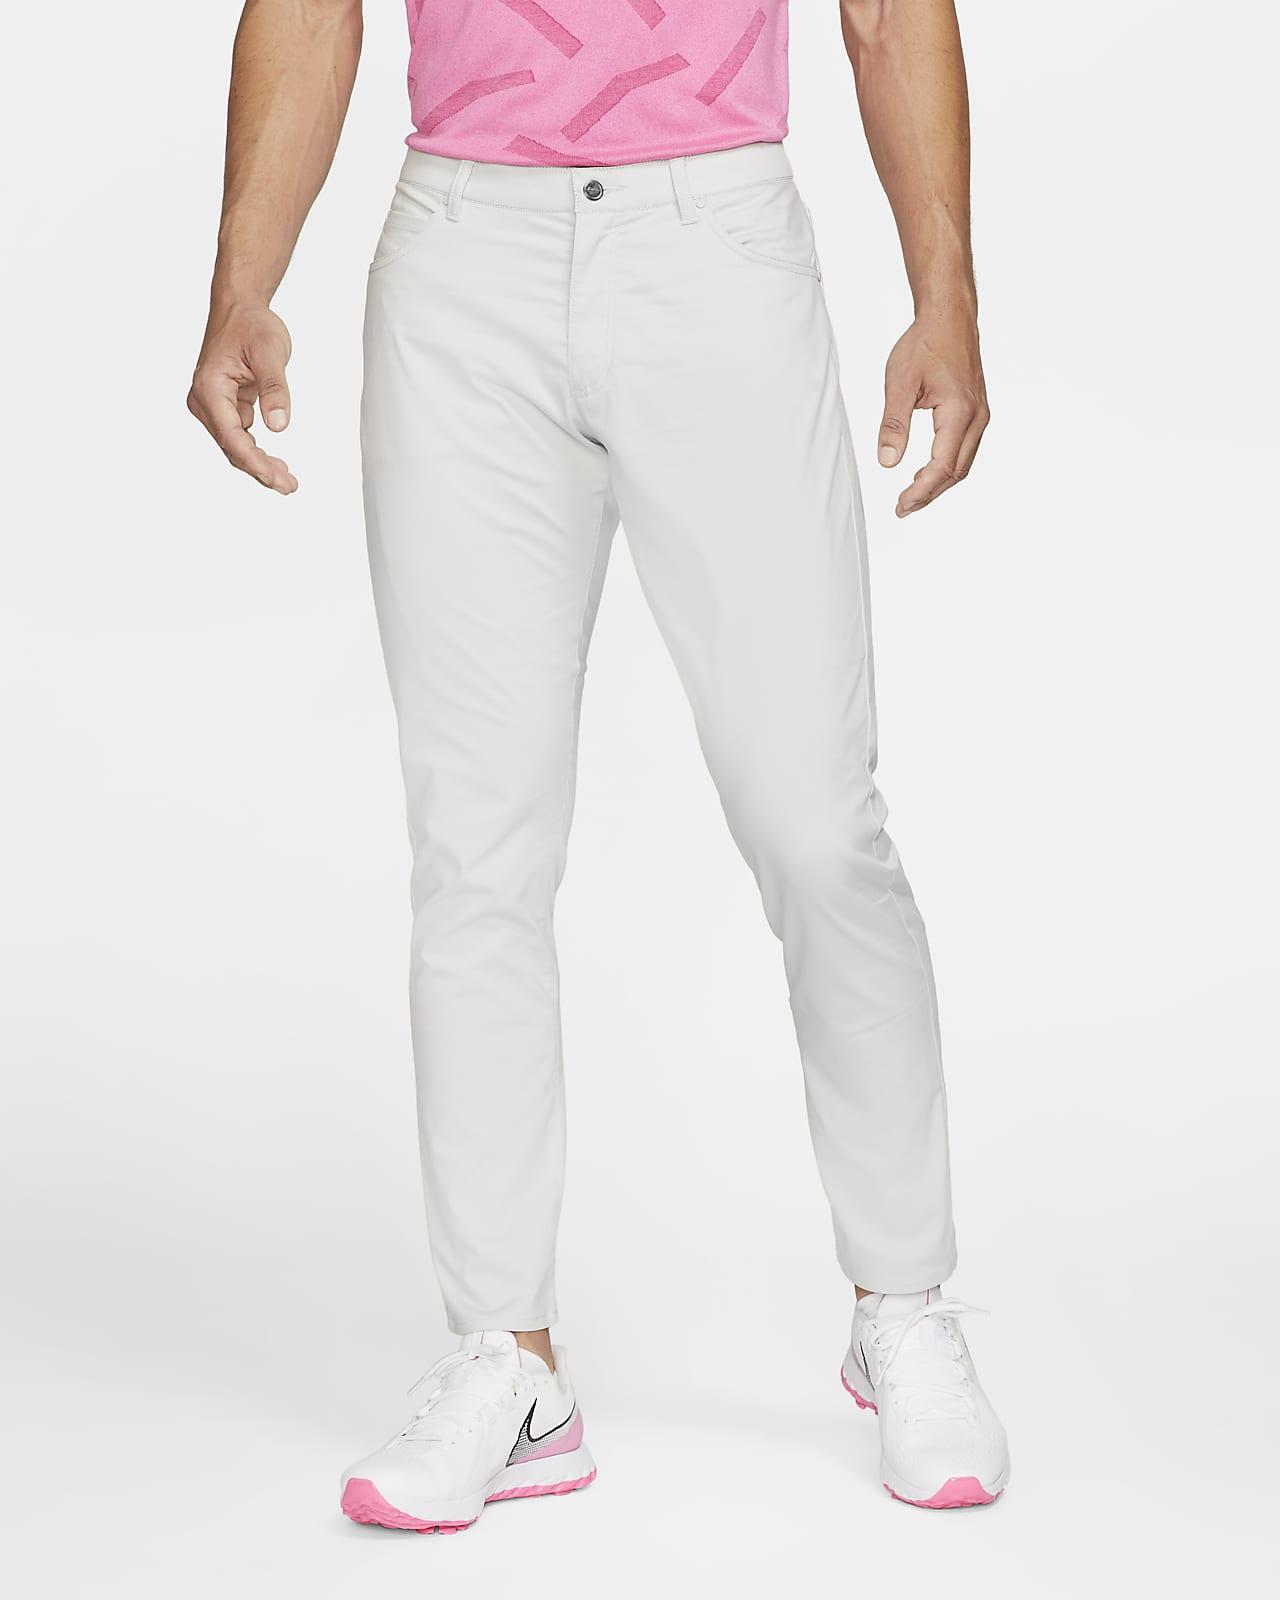 Pantalones de golf con 5 bolsillos de ajuste entallado para hombre Nike Flex